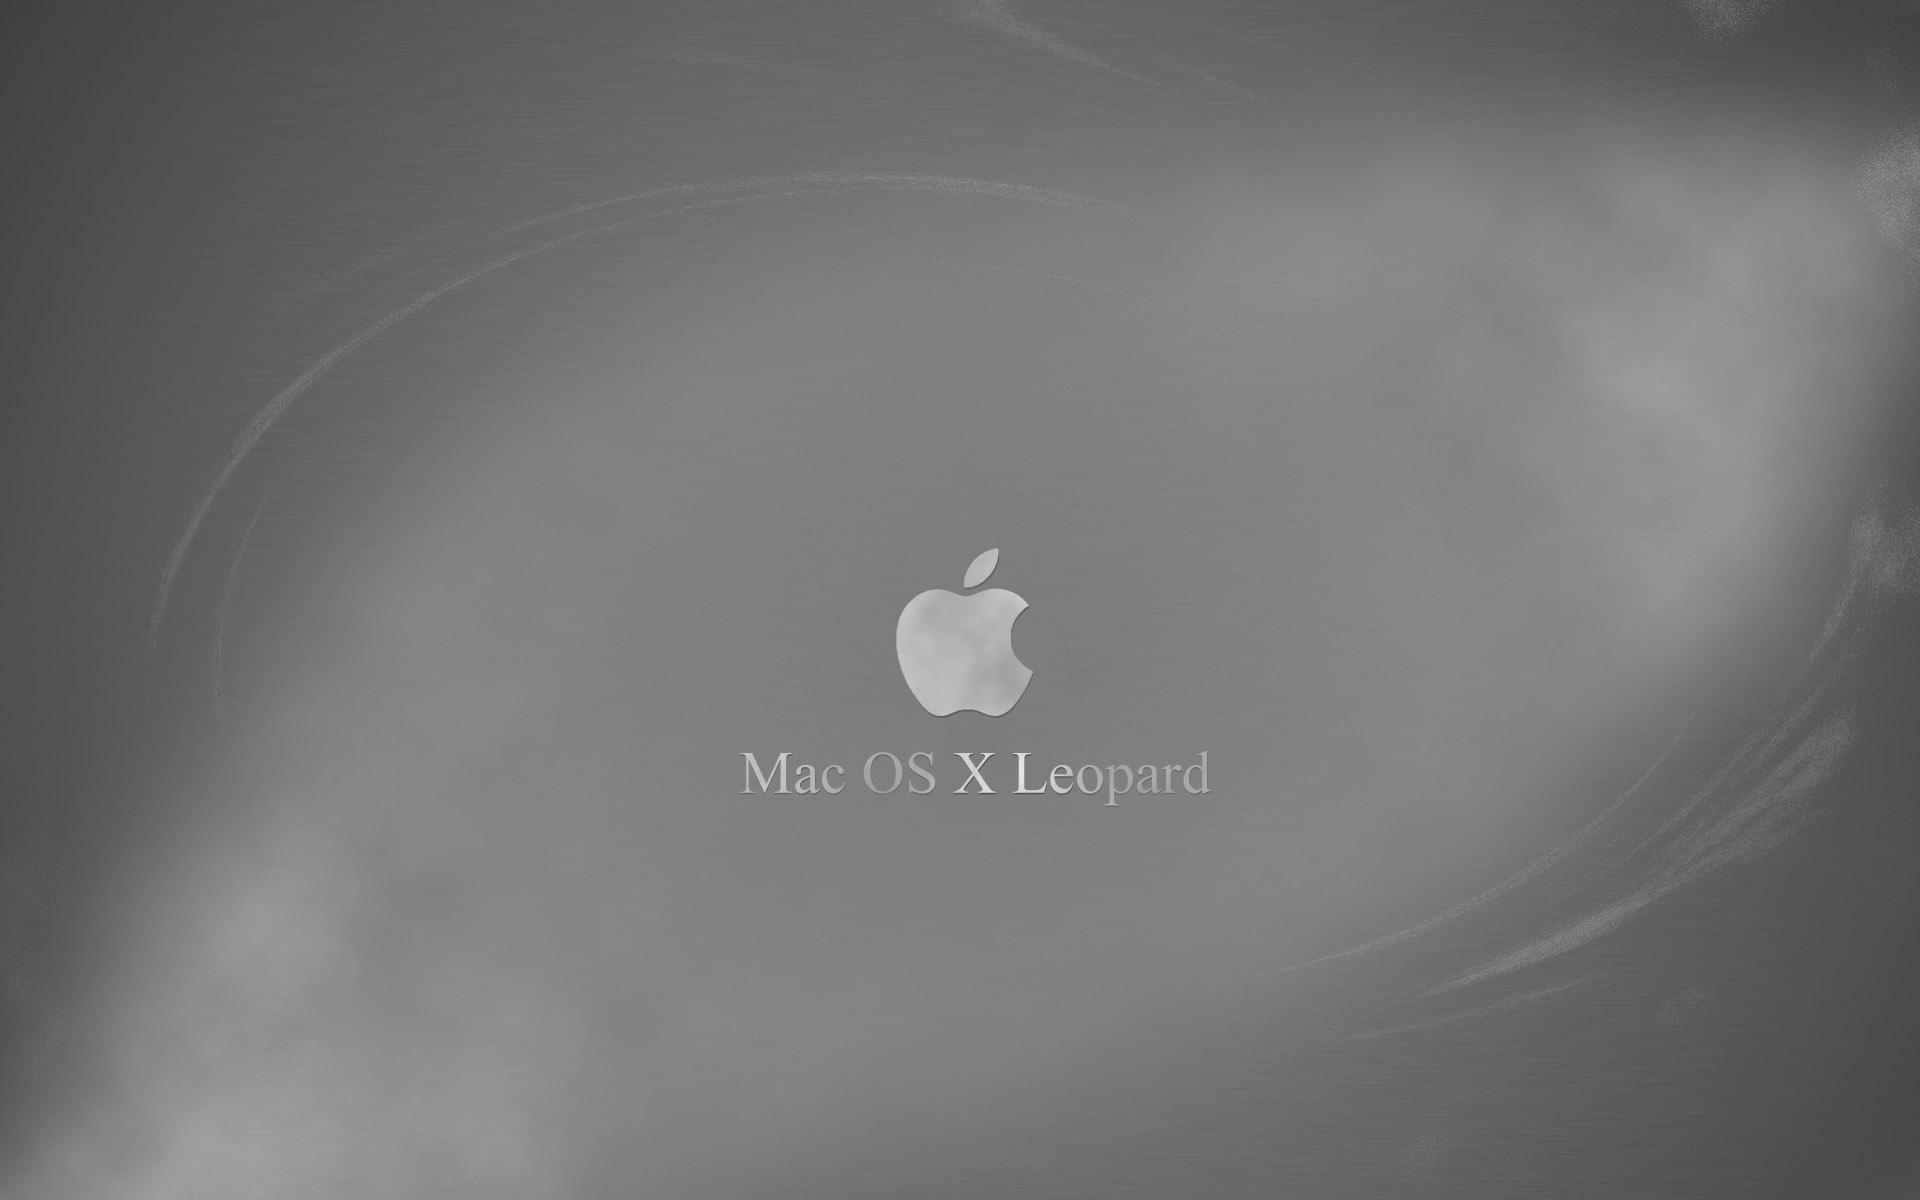 苹果电脑(apple)主题壁纸高清图片素材3(20p)[中国网